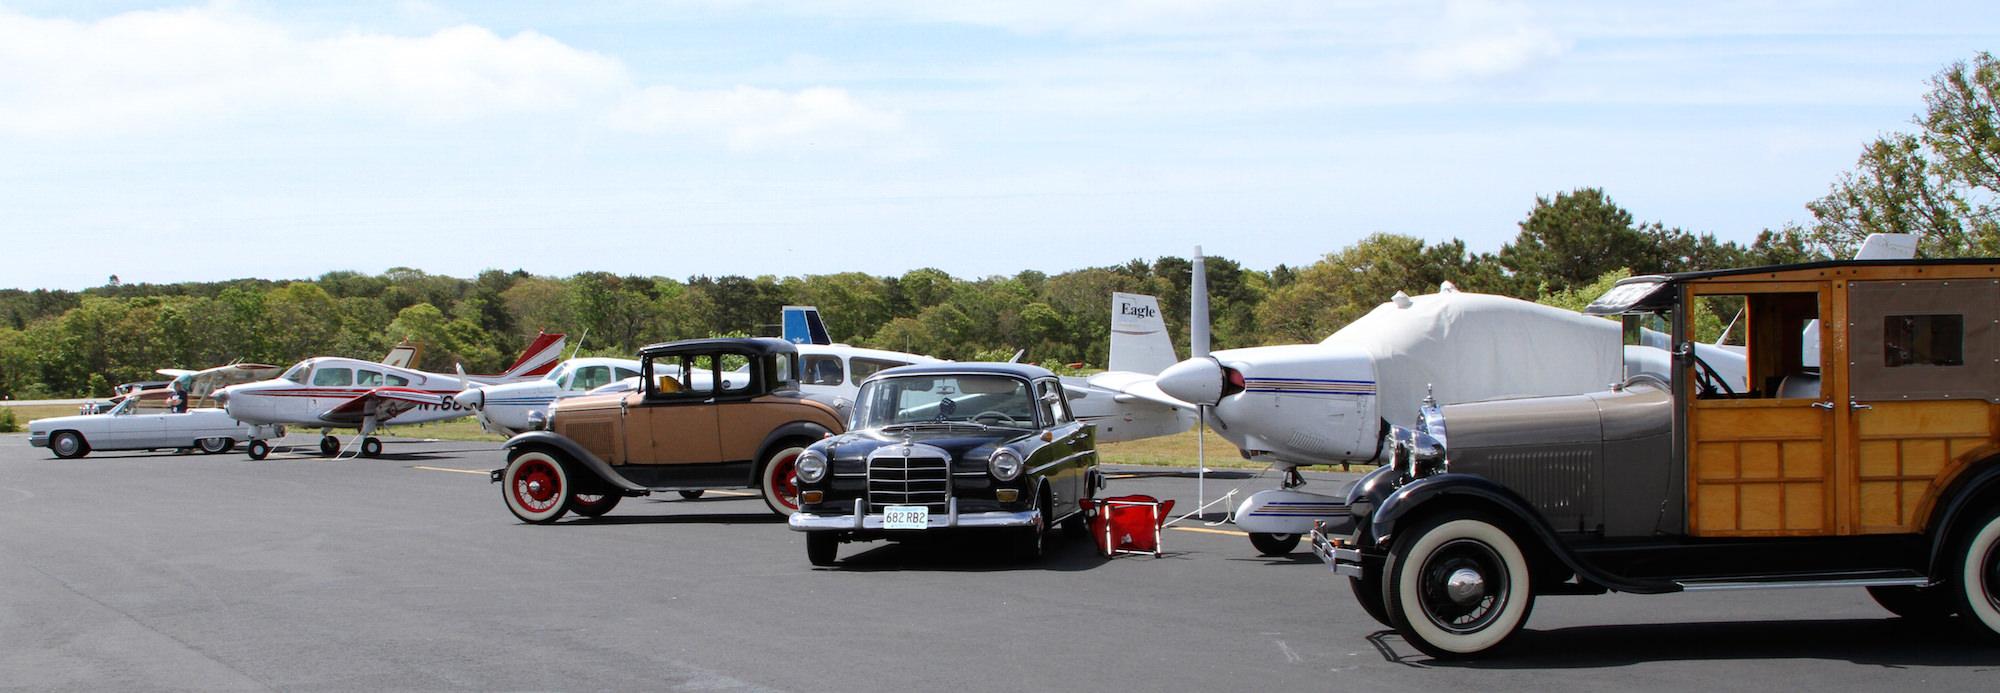 Antique car and plane show